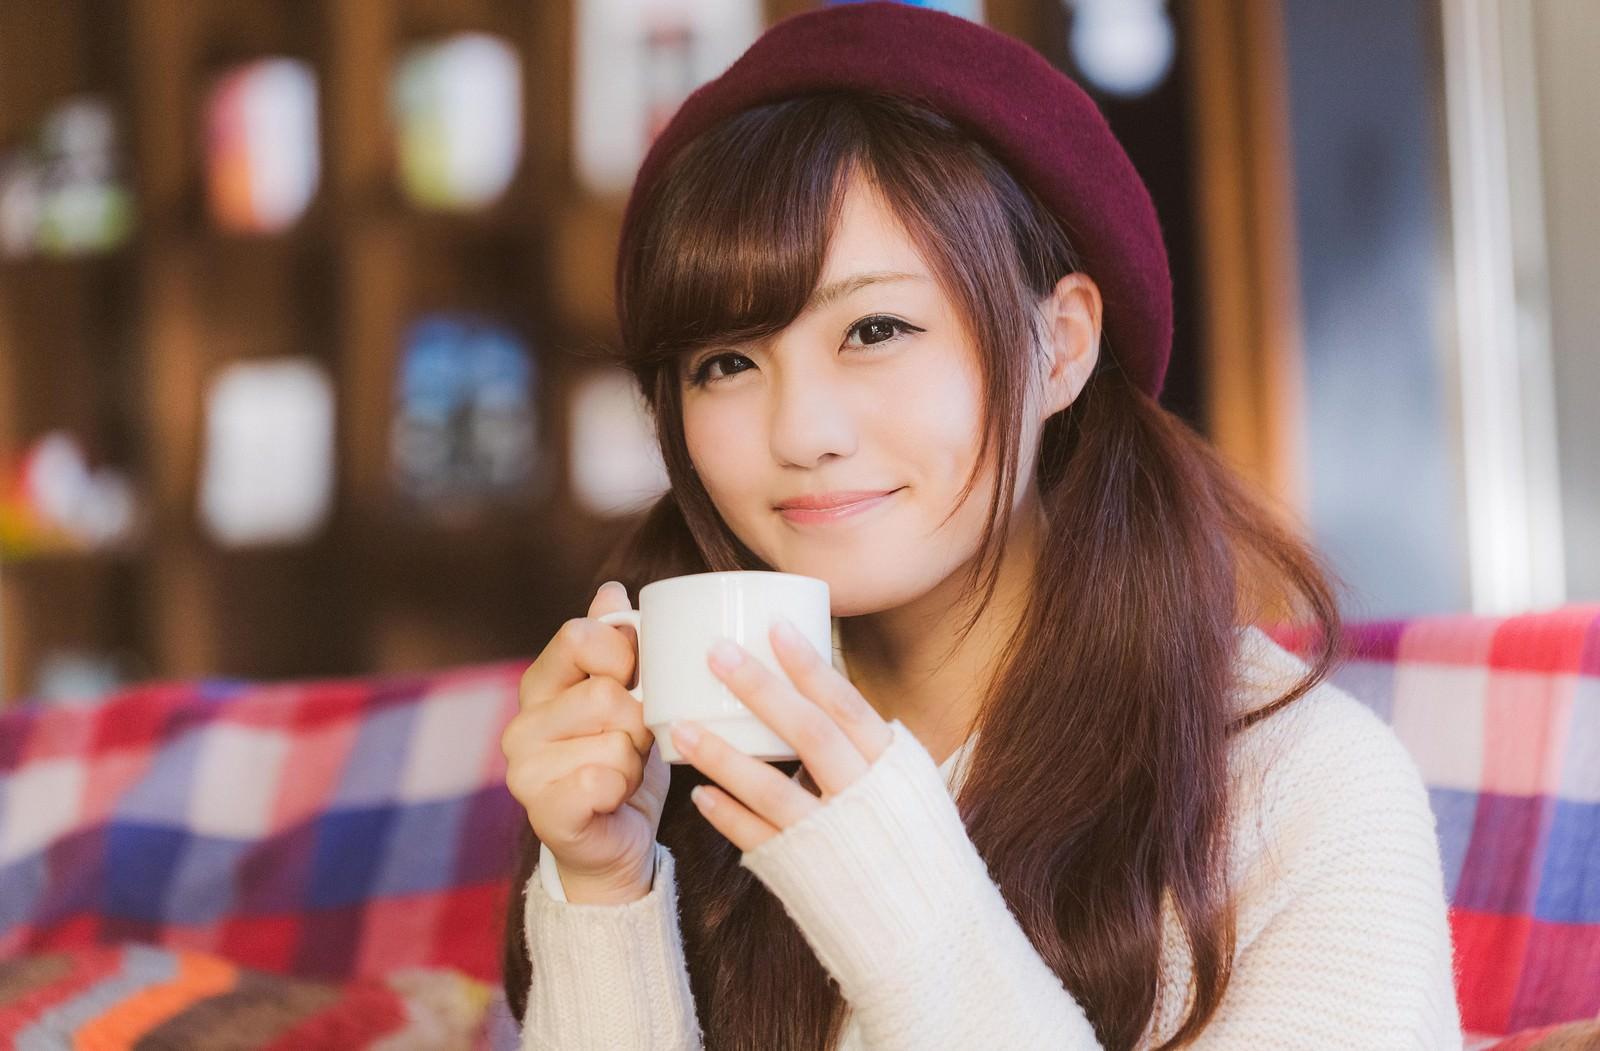 「満面の笑みでコーヒーを飲む彼女満面の笑みでコーヒーを飲む彼女」[モデル:河村友歌]のフリー写真素材を拡大